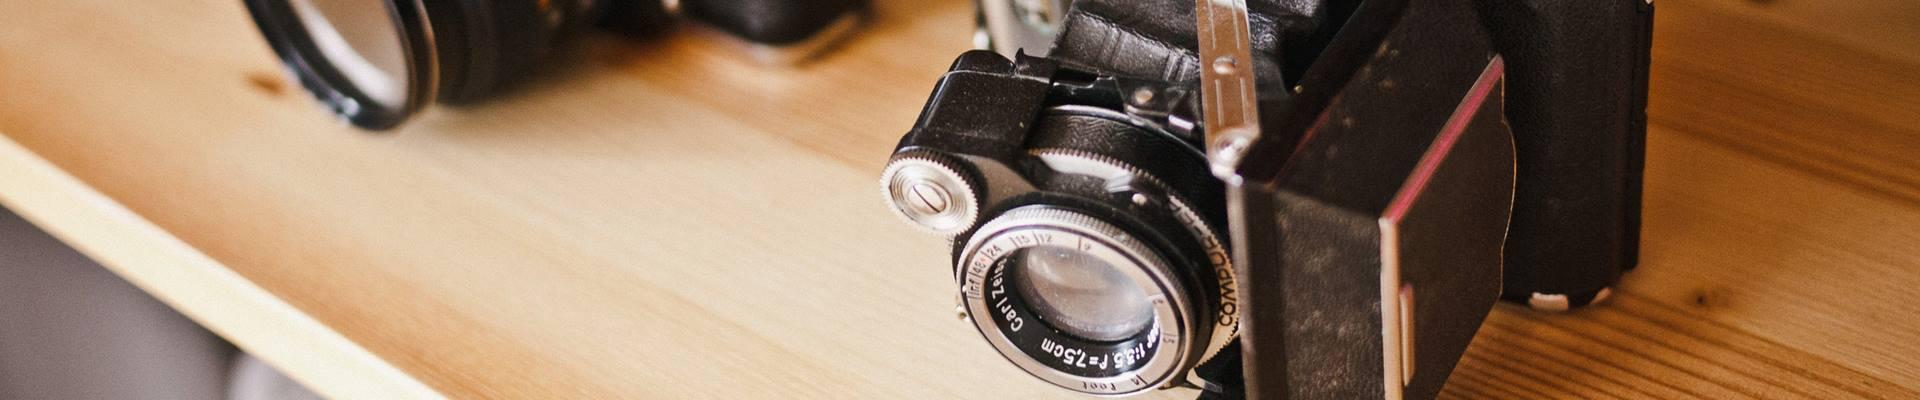 A professional camera